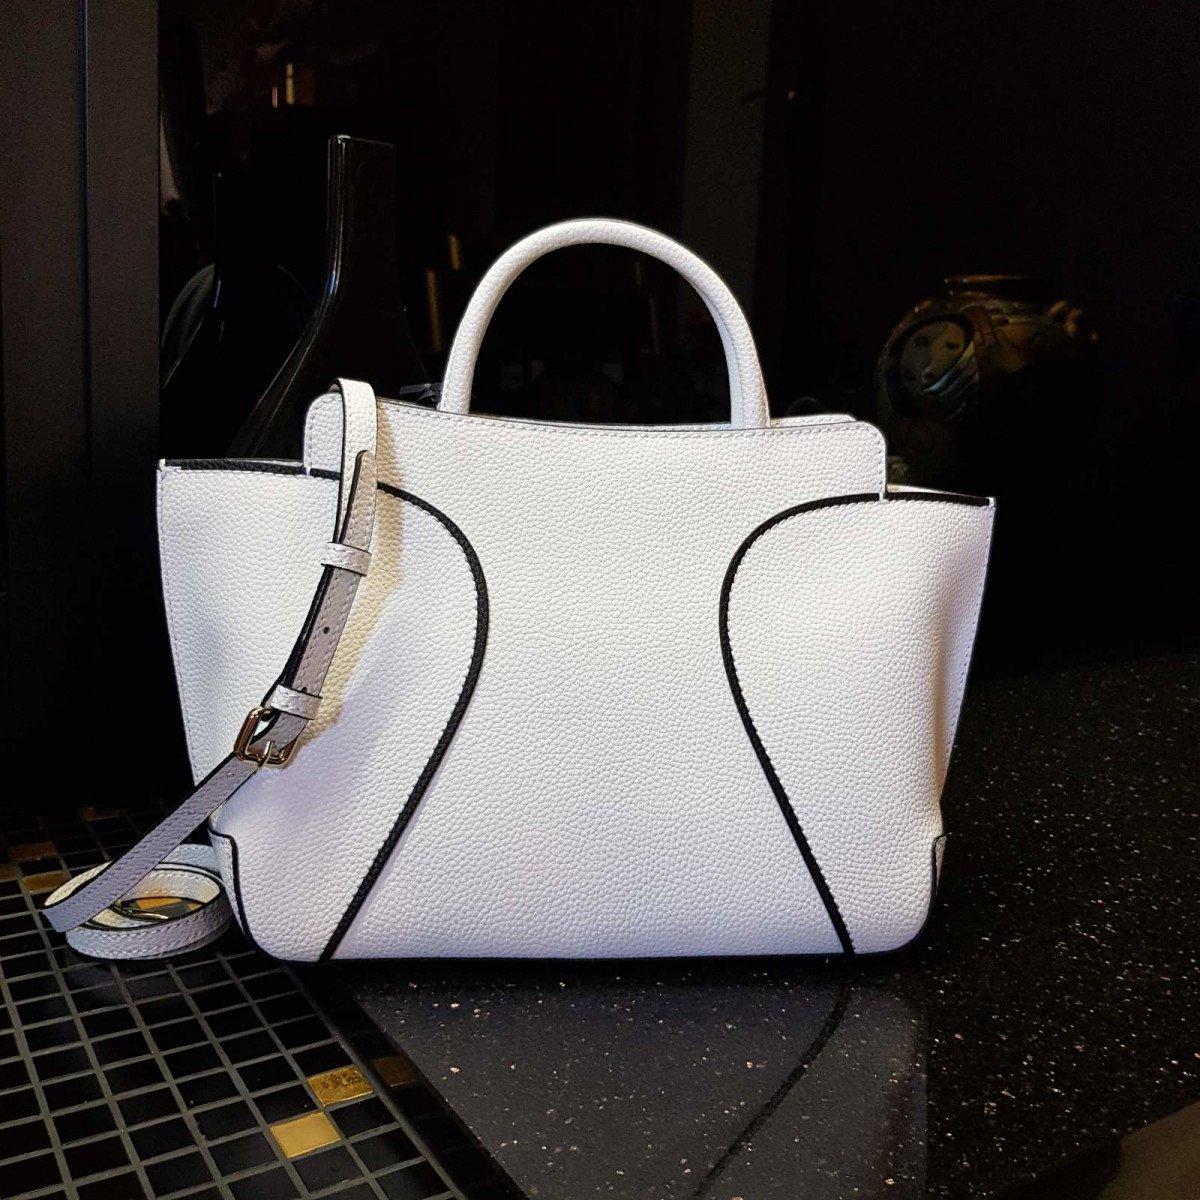 Кожаная женская сумка LA Martina 41W173 P0004 optic white из натуральной кожи из натуральной кожи